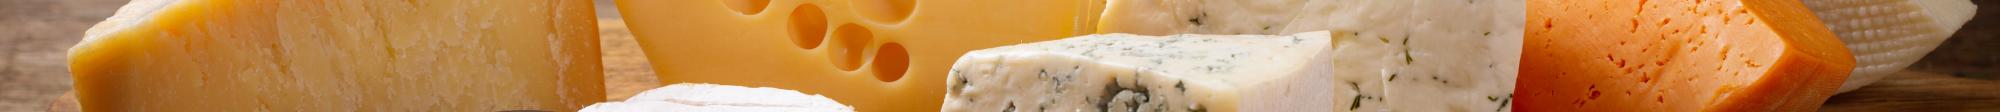 Comprar  quesos Holanda gourmet online   Mixtura Gourmet